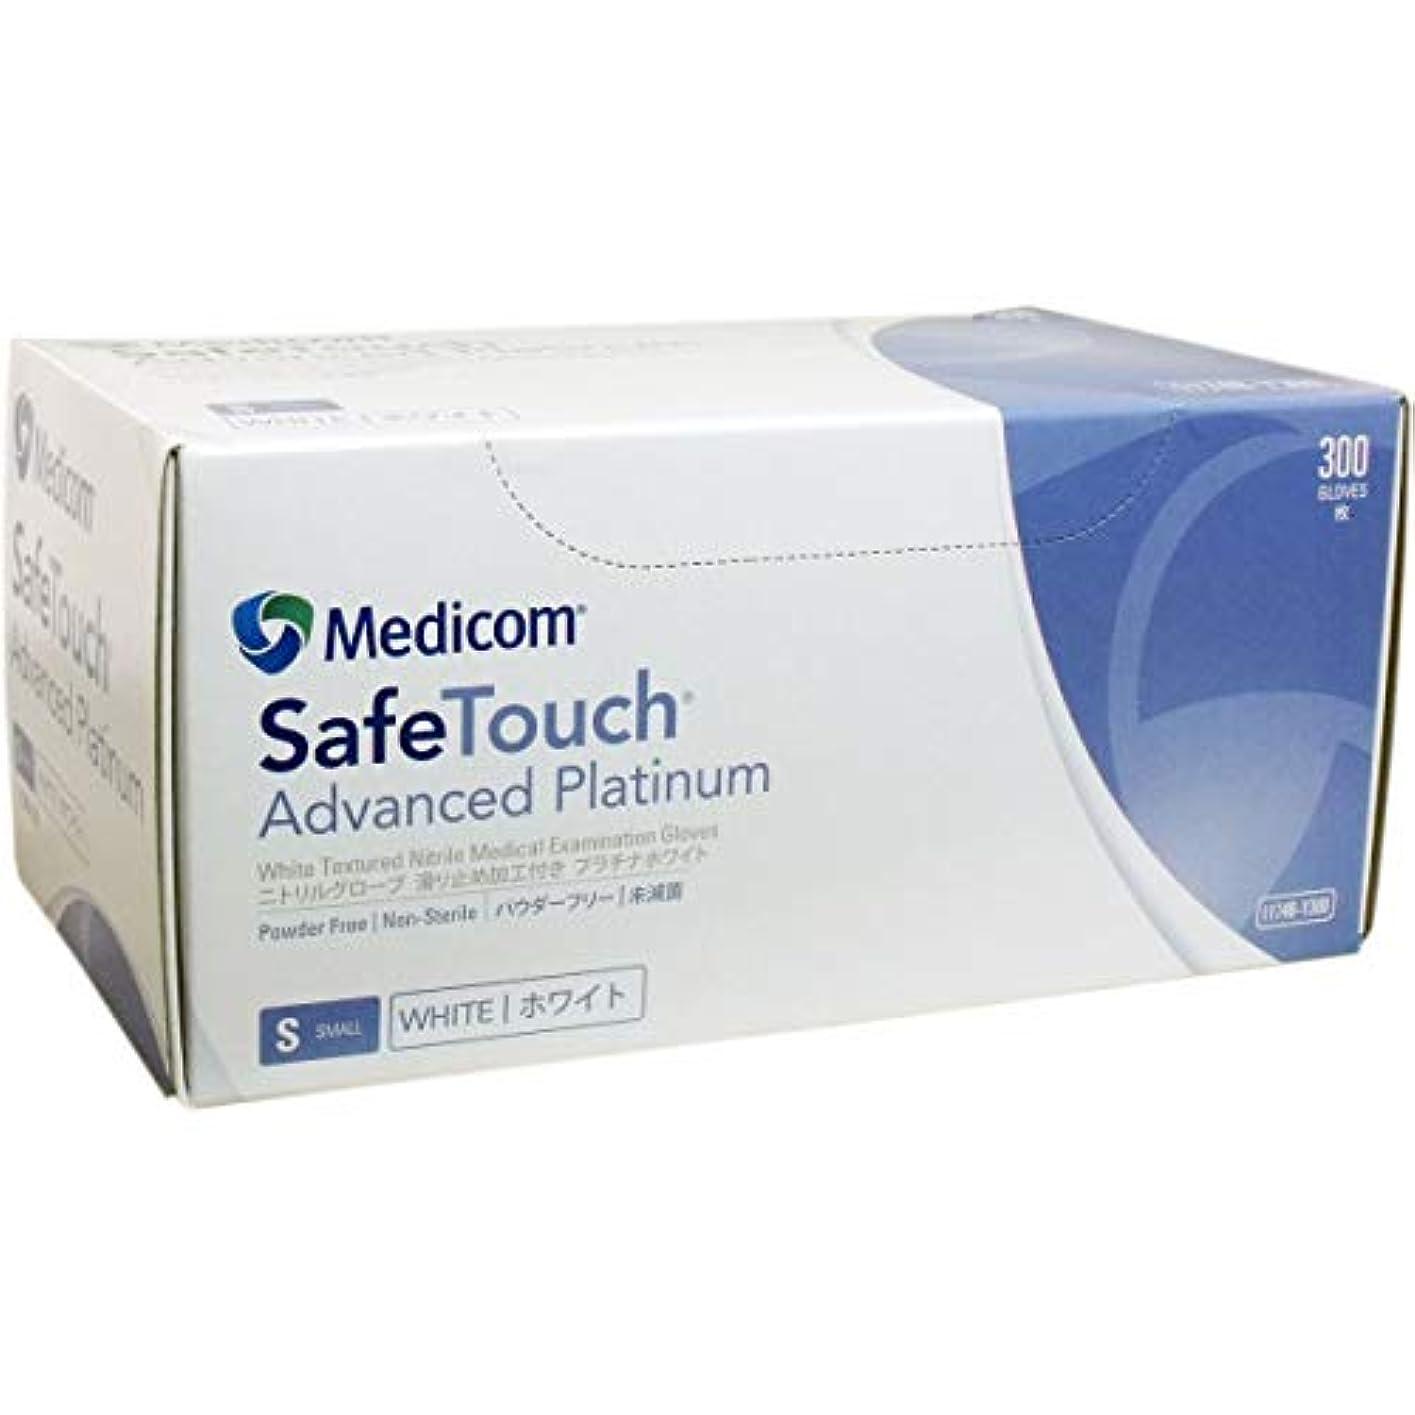 スピン和解する伝染性のセーフタッチ ニトリル手袋 パウダーフリー ホワイト Sサイズ 300枚入×5個セット(管理番号 4894476002790)